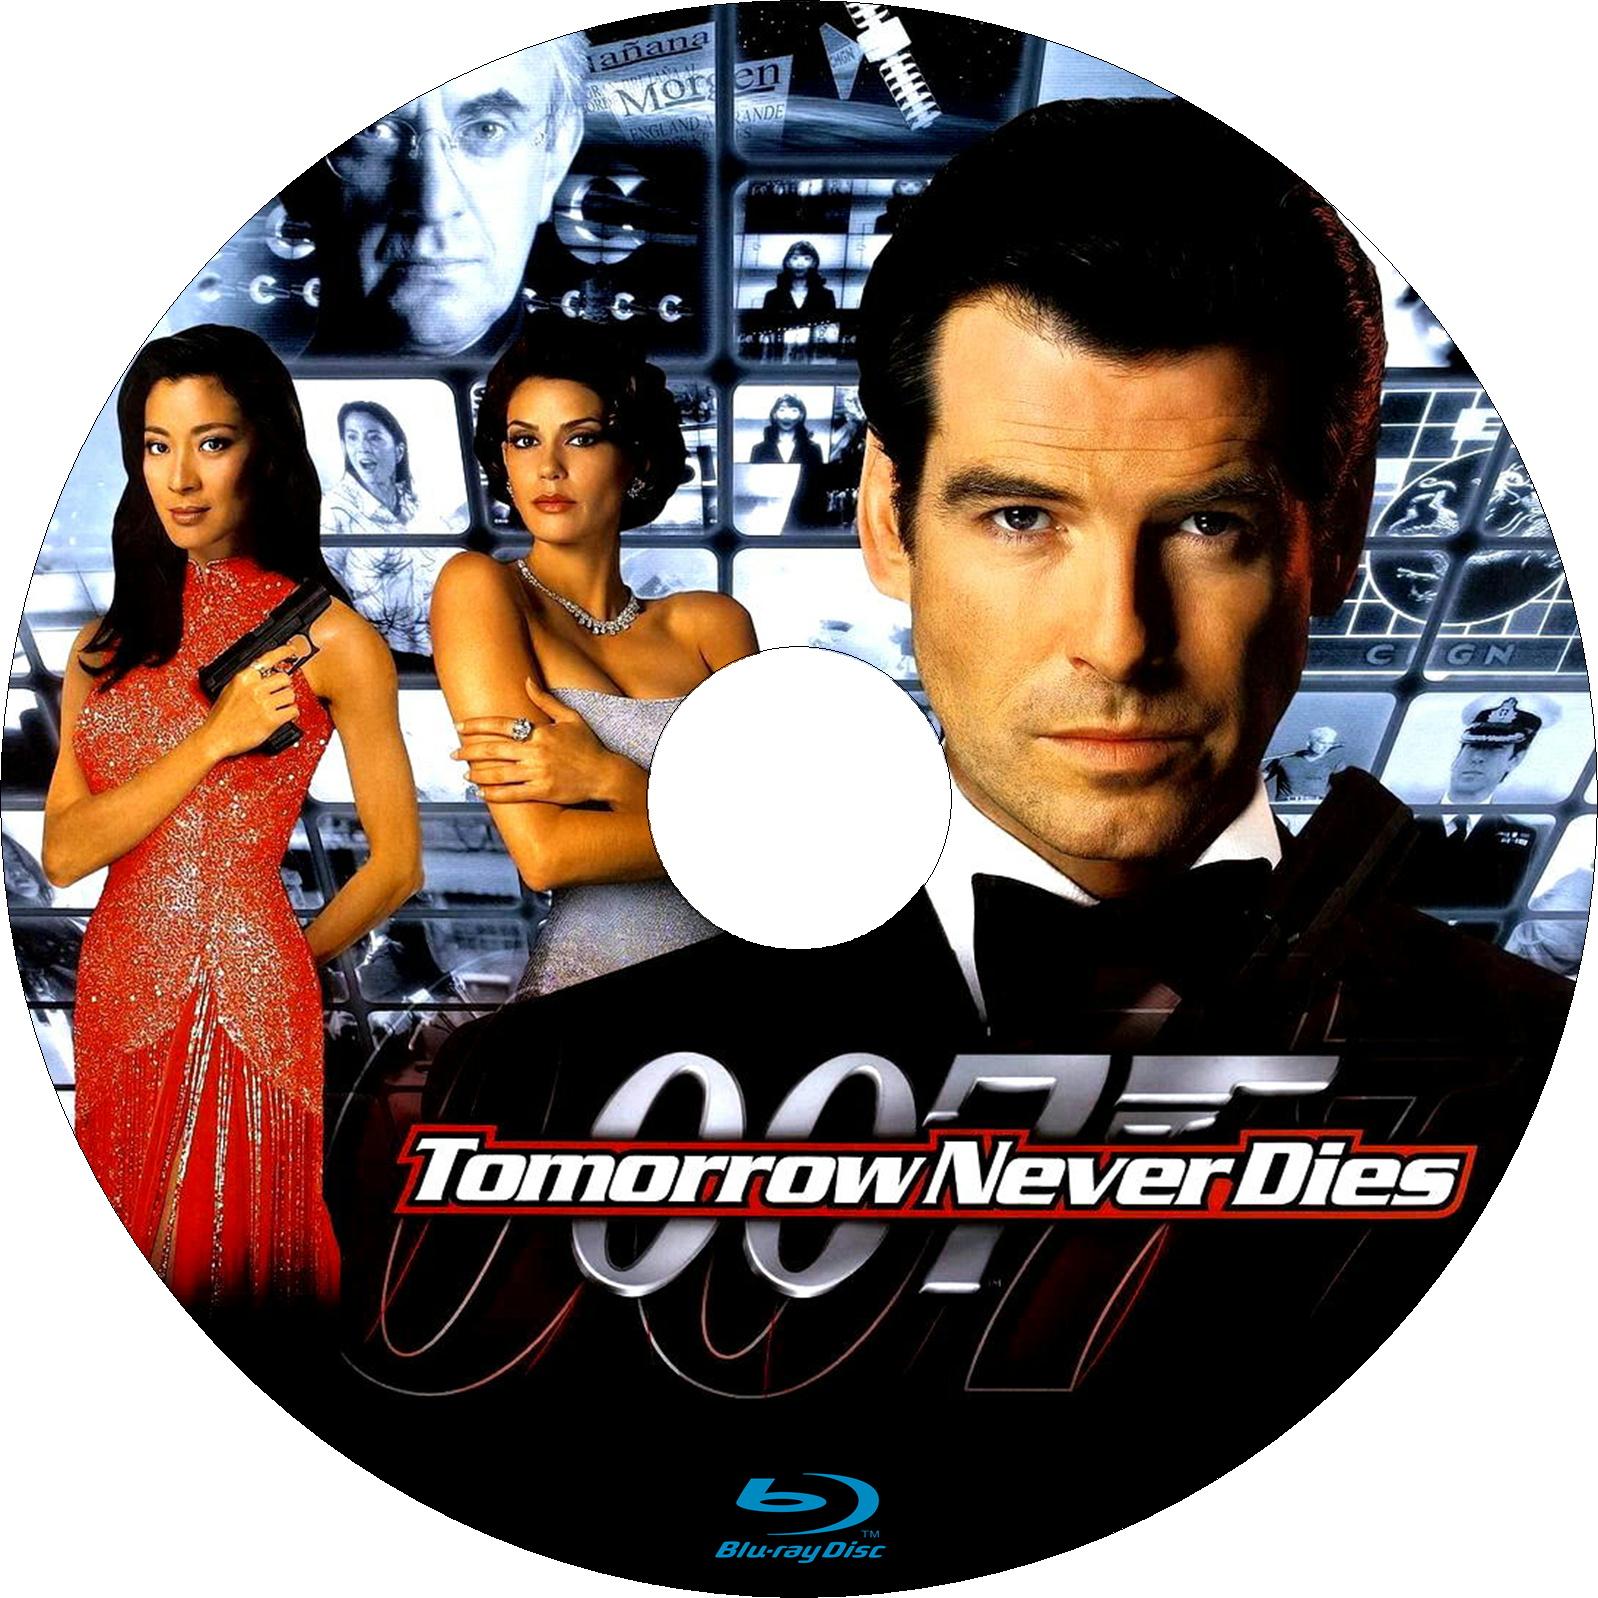 007 トゥモロー・ネバー・ダイ ラベル2